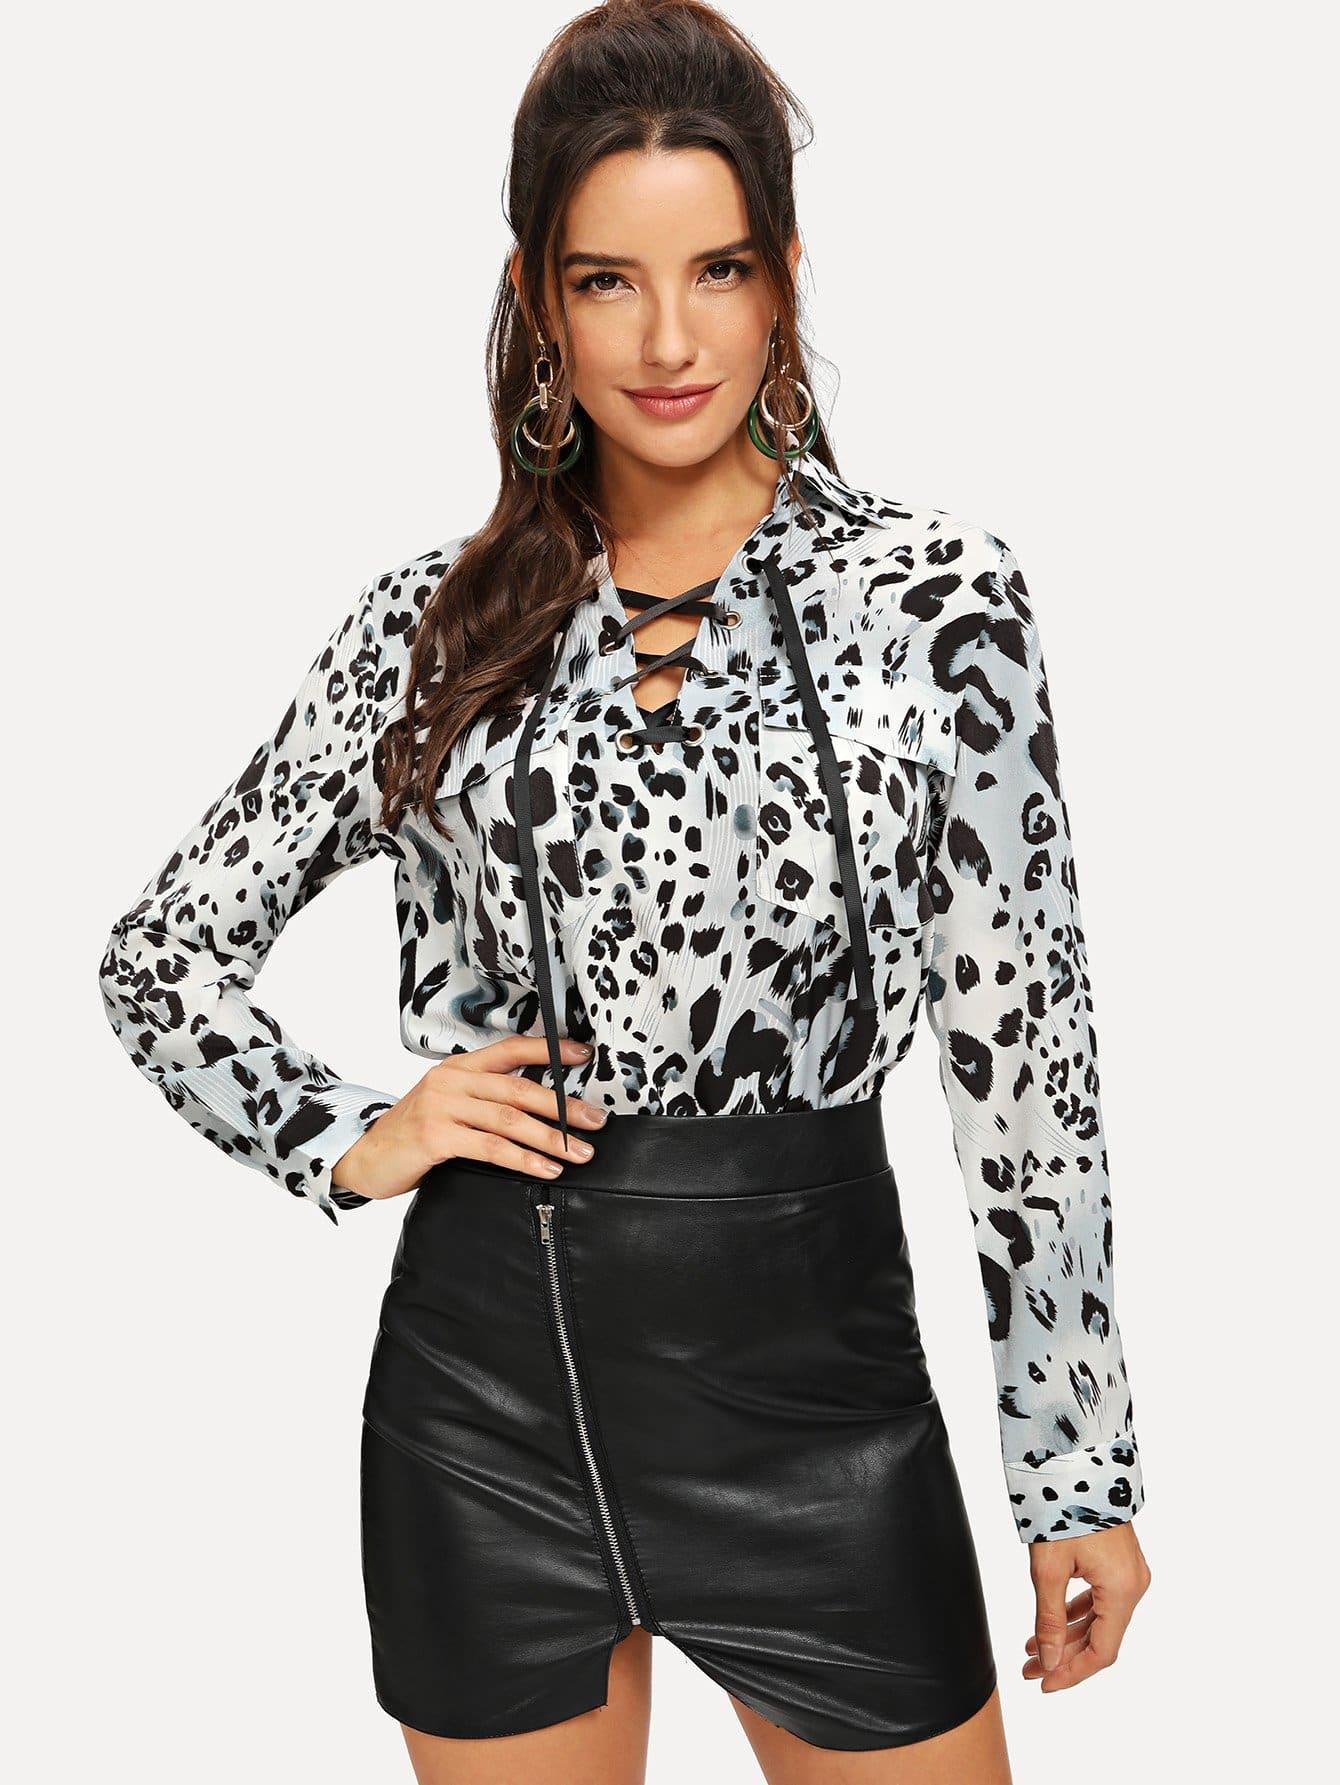 Фото - Леопардовая блузка с шнурками от SheIn цвет чёрнобелые